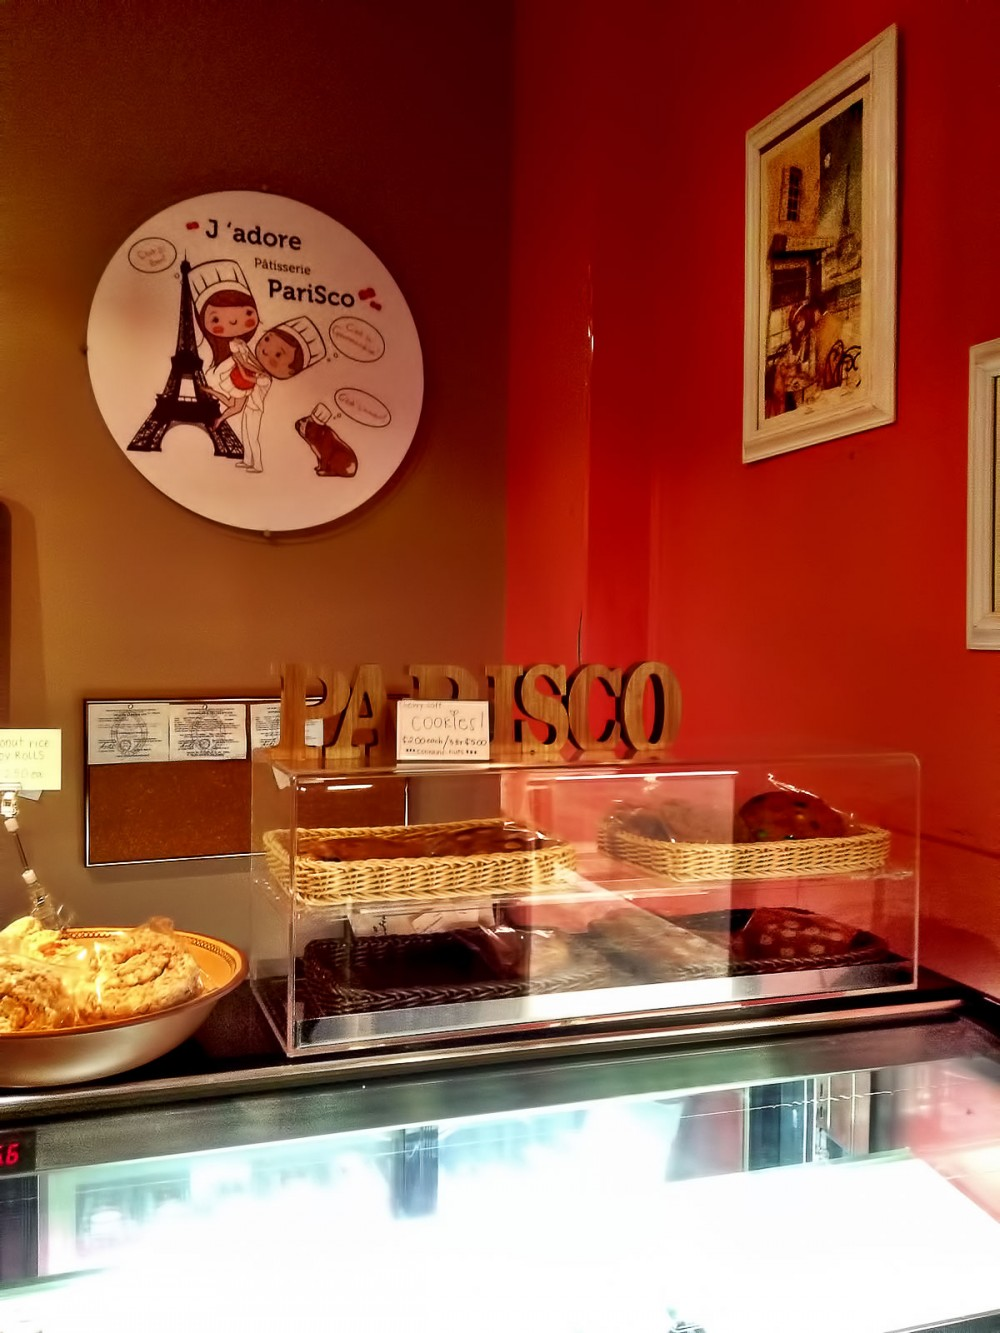 フランス菓子の専門店パリスコ